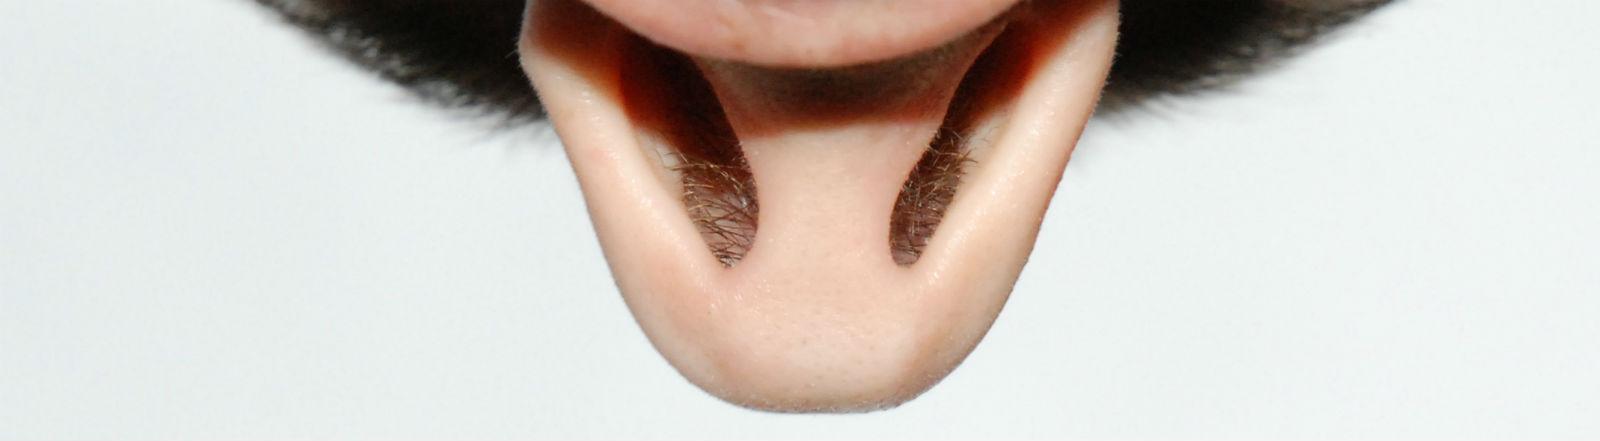 Eine Nase von unten in Großaufnahme.